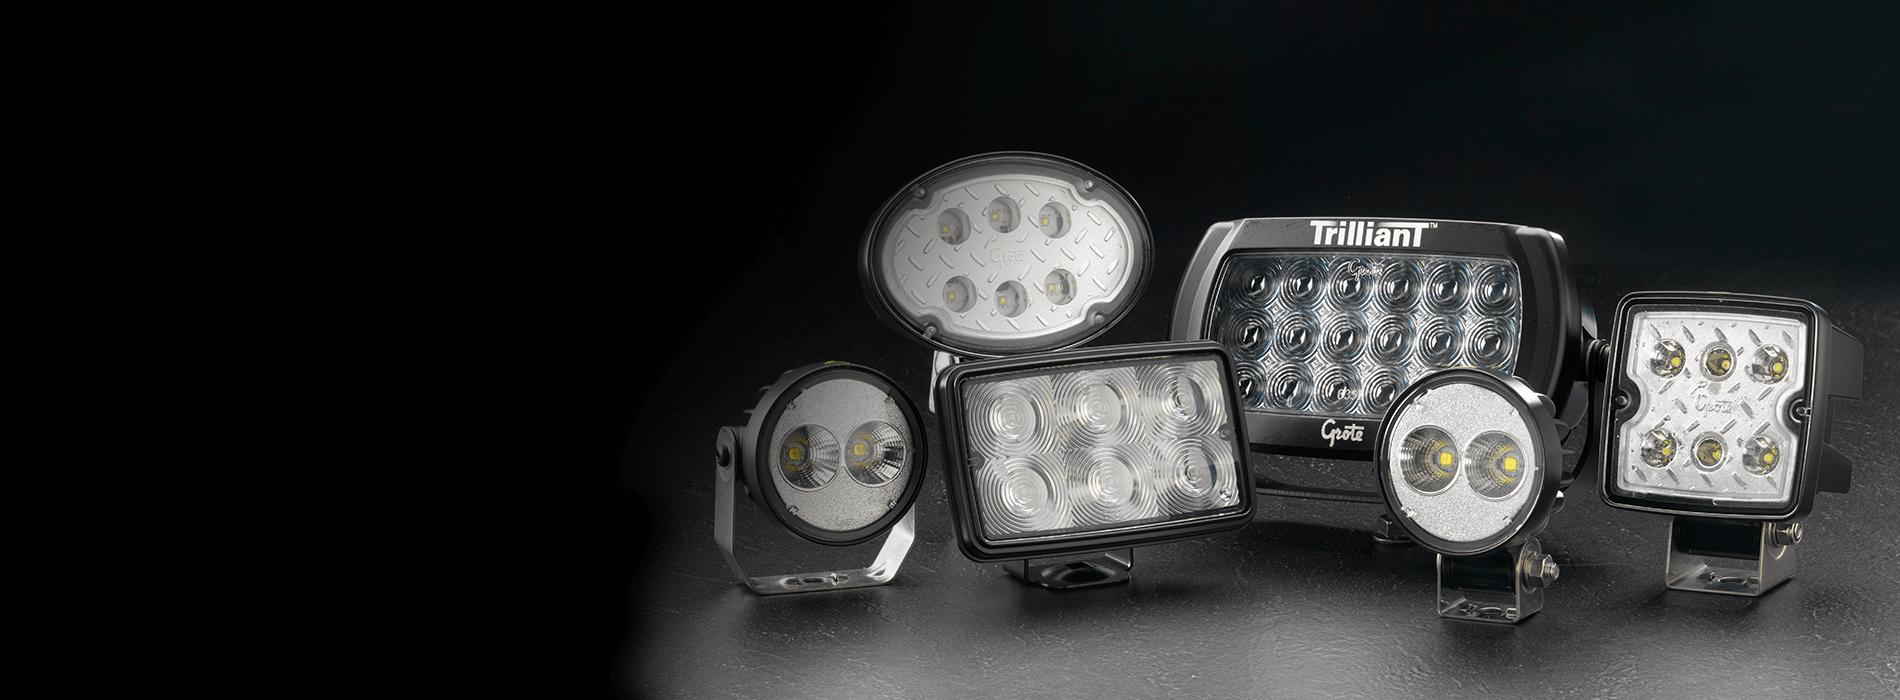 Hintergrundbild für Trilliant LED-Leuchten von Grote